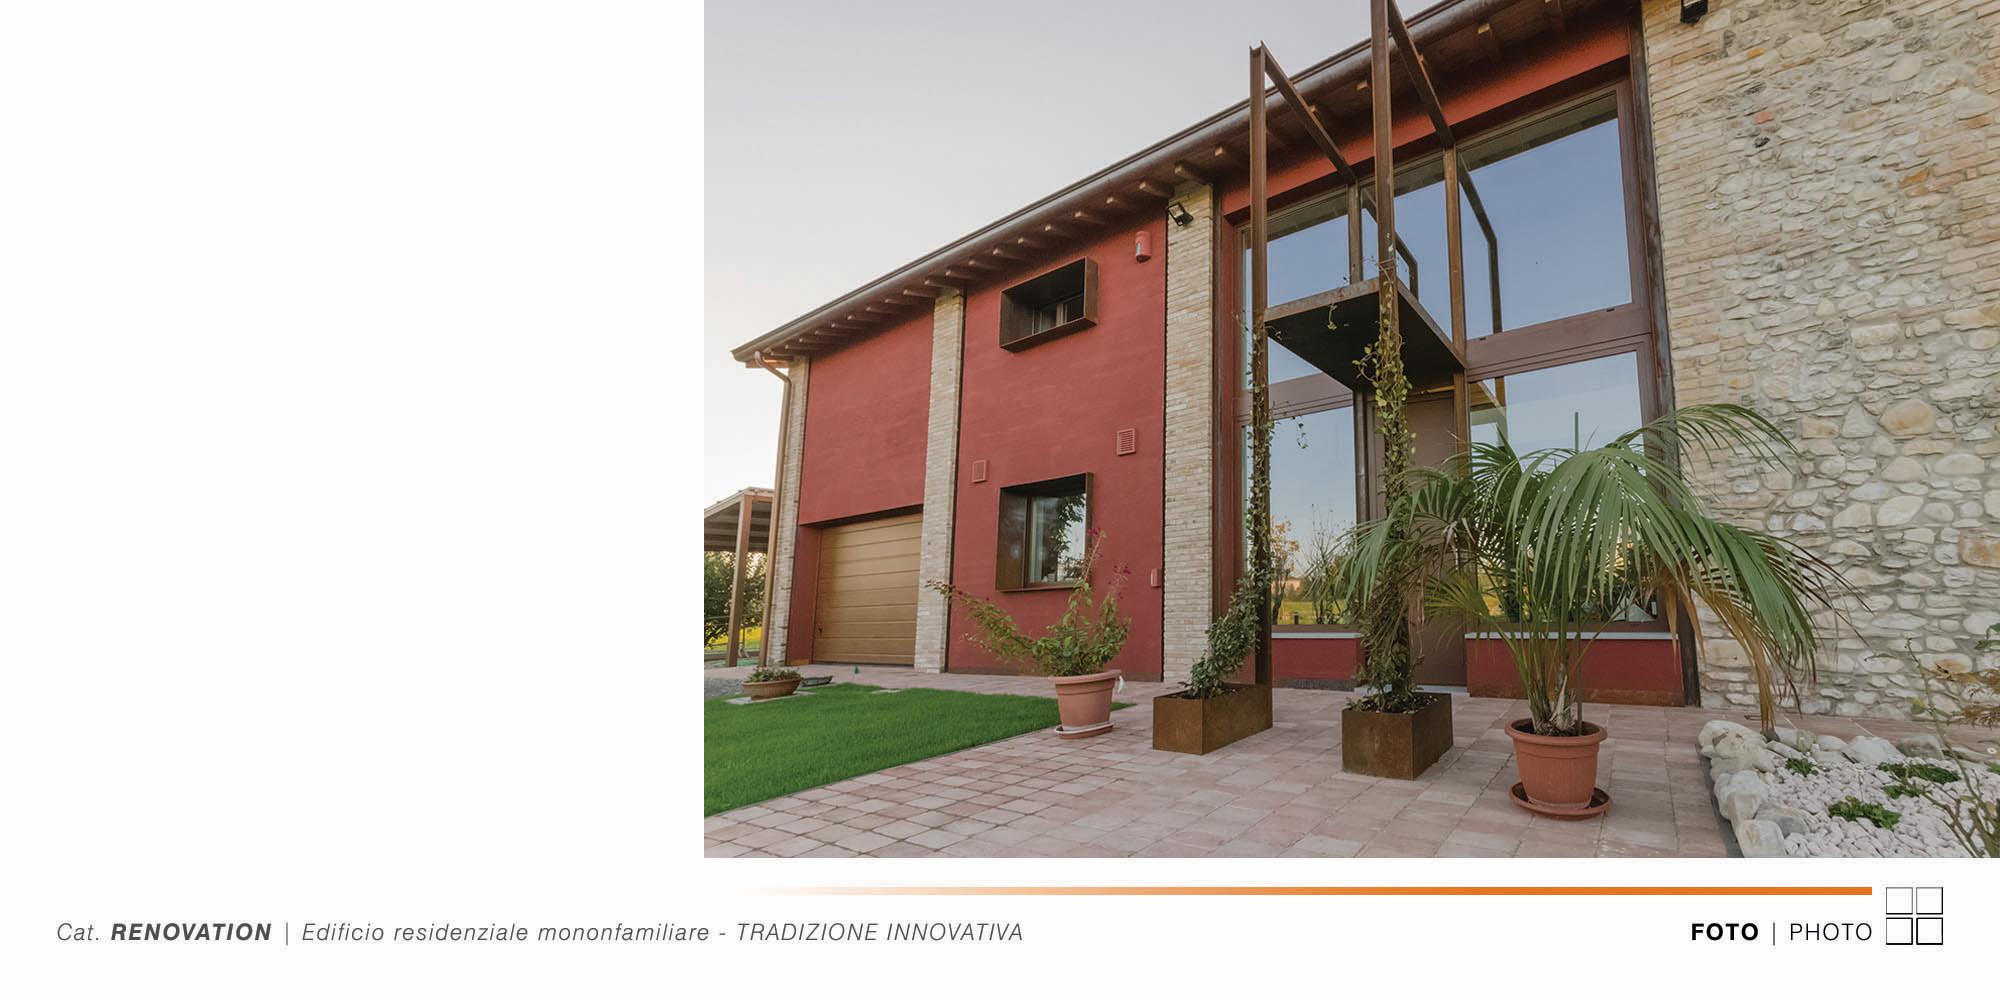 Edificio Residenziale Monofamiliare - TRADIZIONE INNOVATIVA - 003